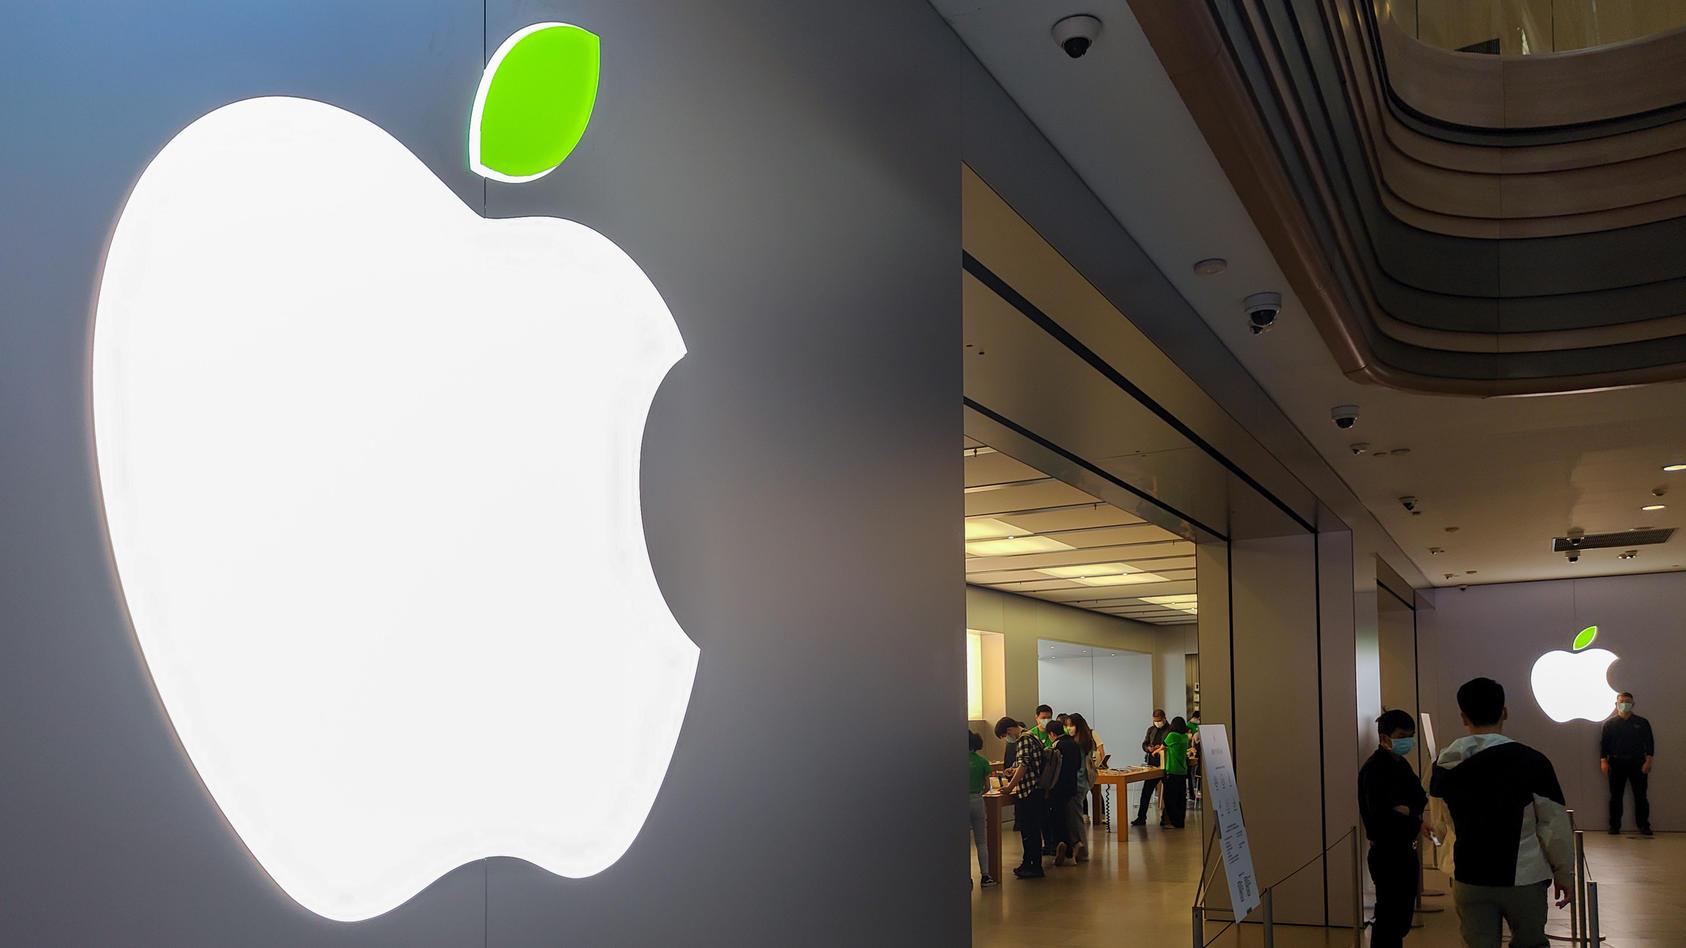 Am 20. April 2021 stellt Apple um 19 Uhr bei einem Keynote-Event neue Geräte vor.